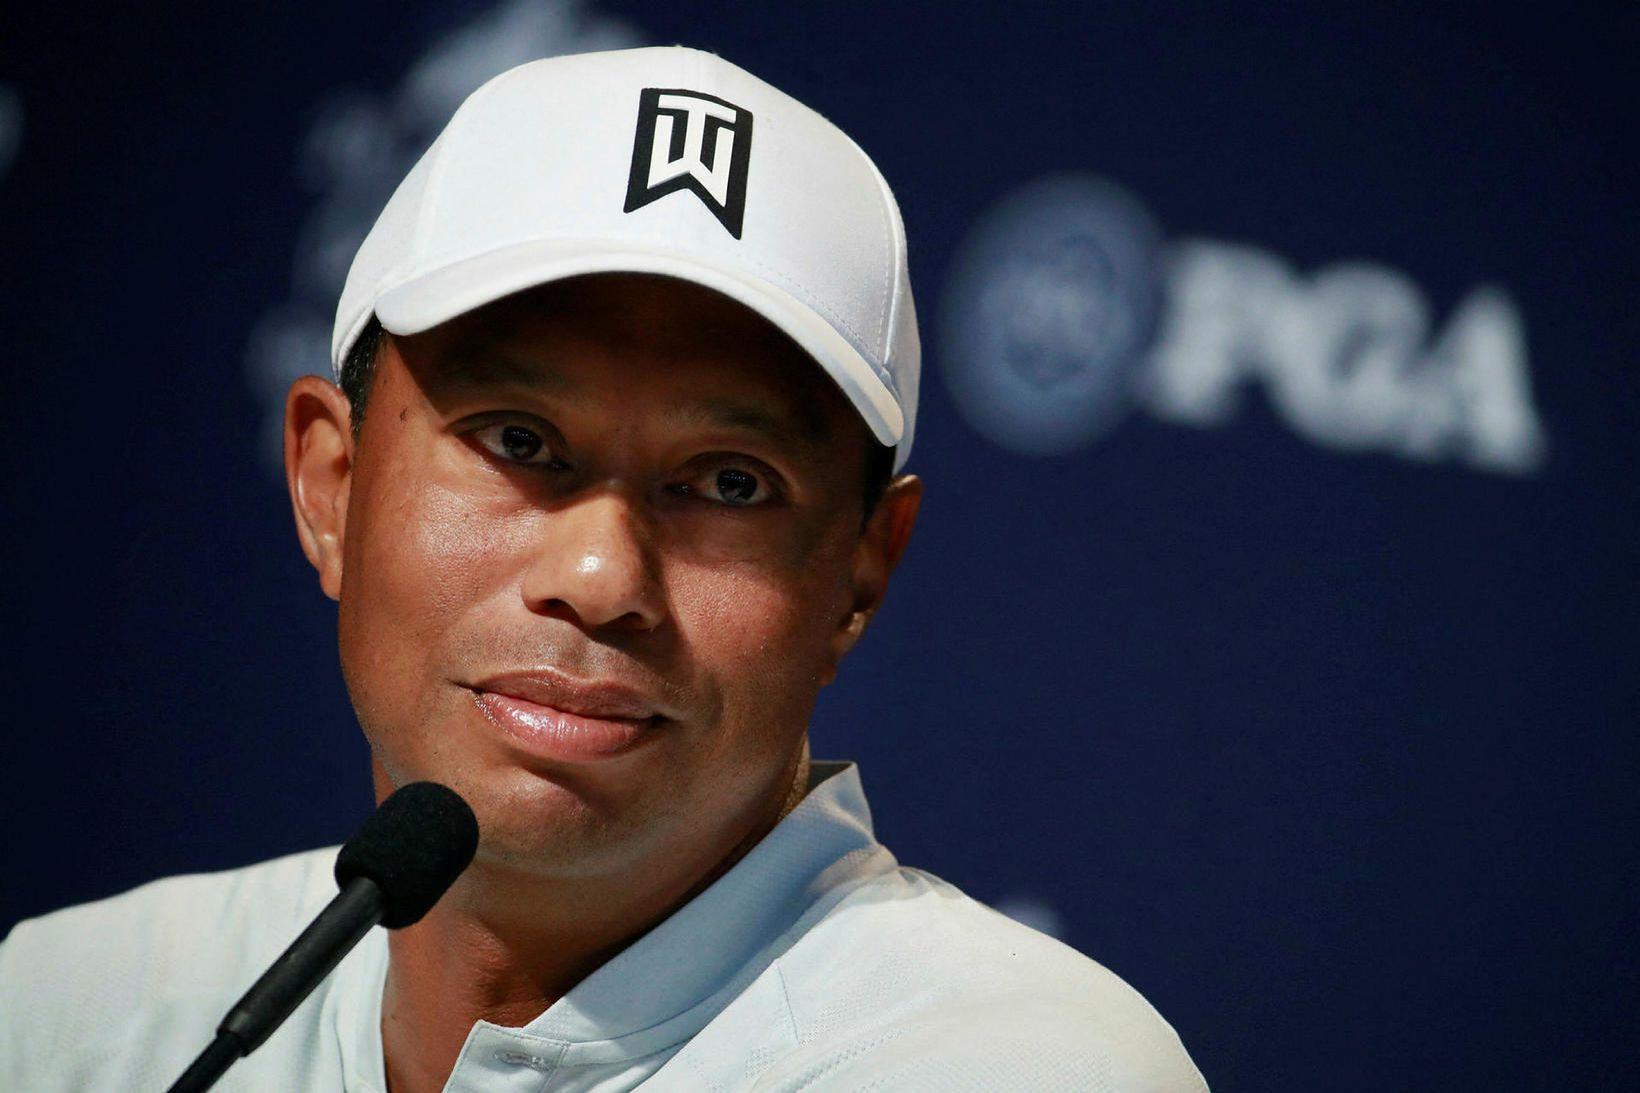 Tiger Woods lenti í alvarlegu bílslysi um síðustu helgi.